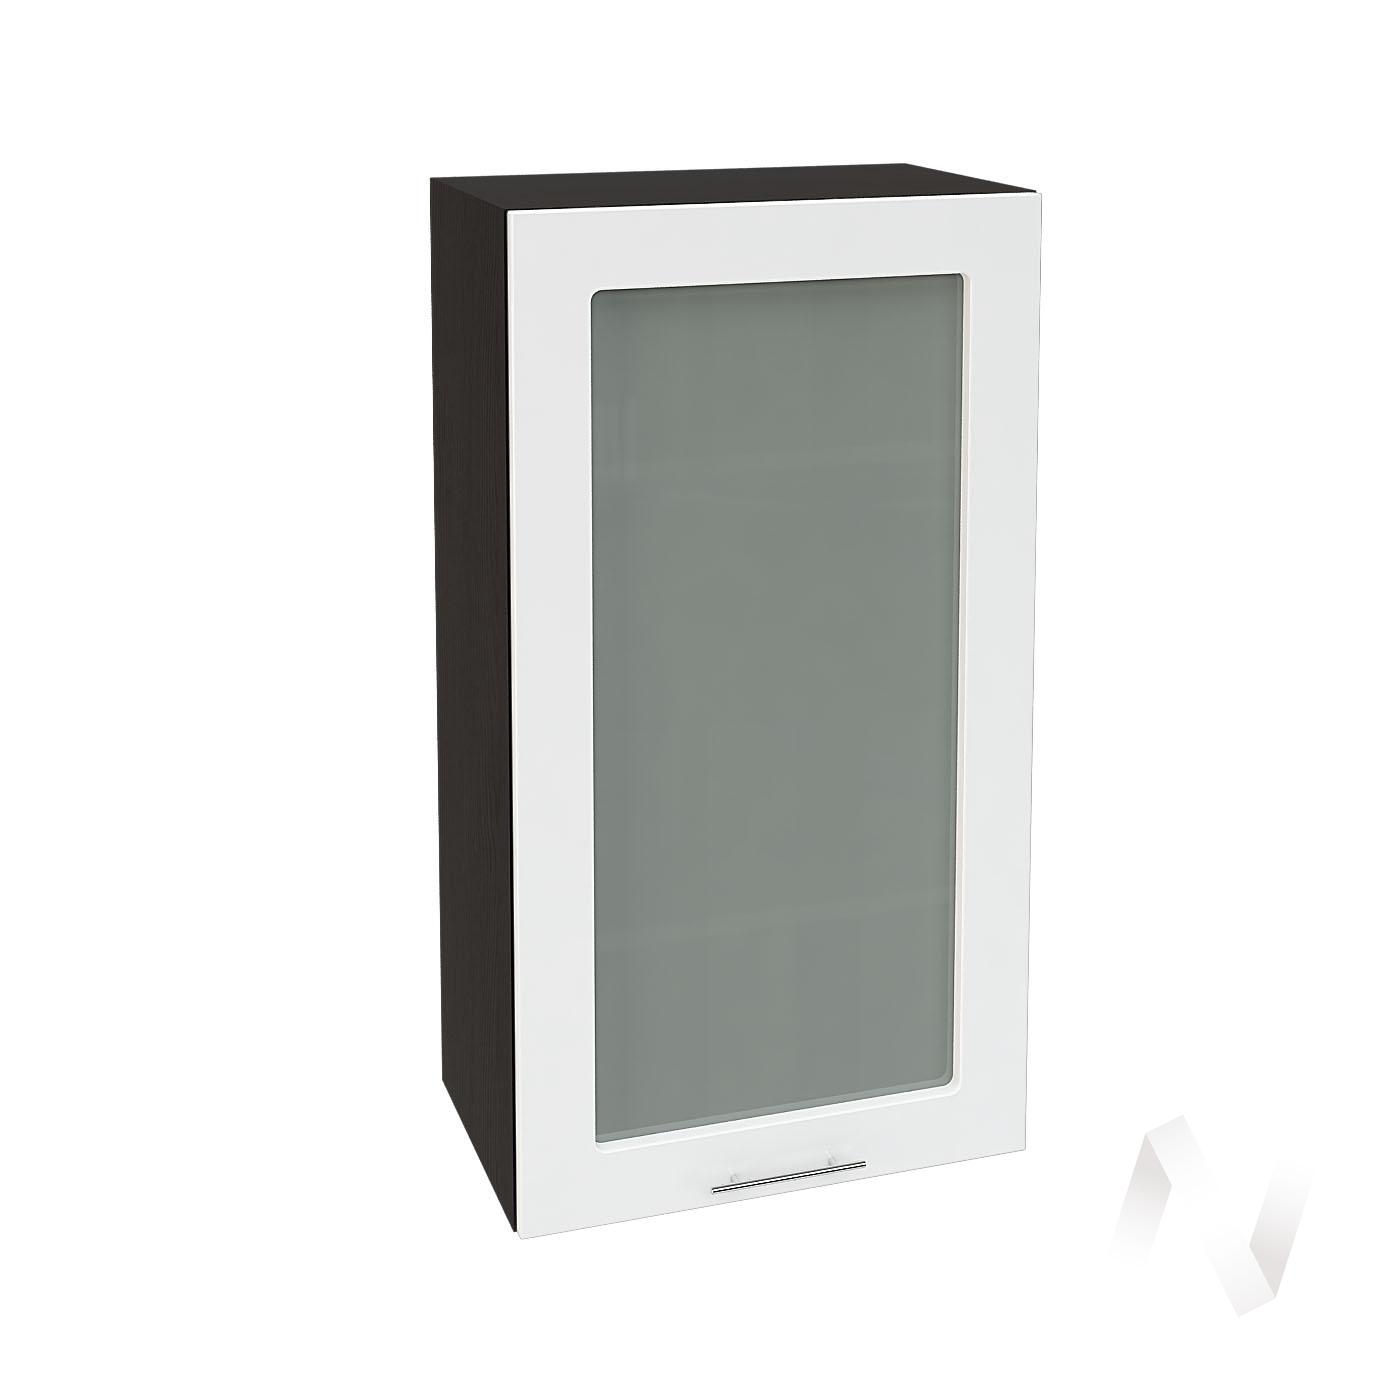 """Кухня """"Валерия-М"""": Шкаф верхний со стеклом 509, ШВС 509 (белый глянец/корпус венге)"""